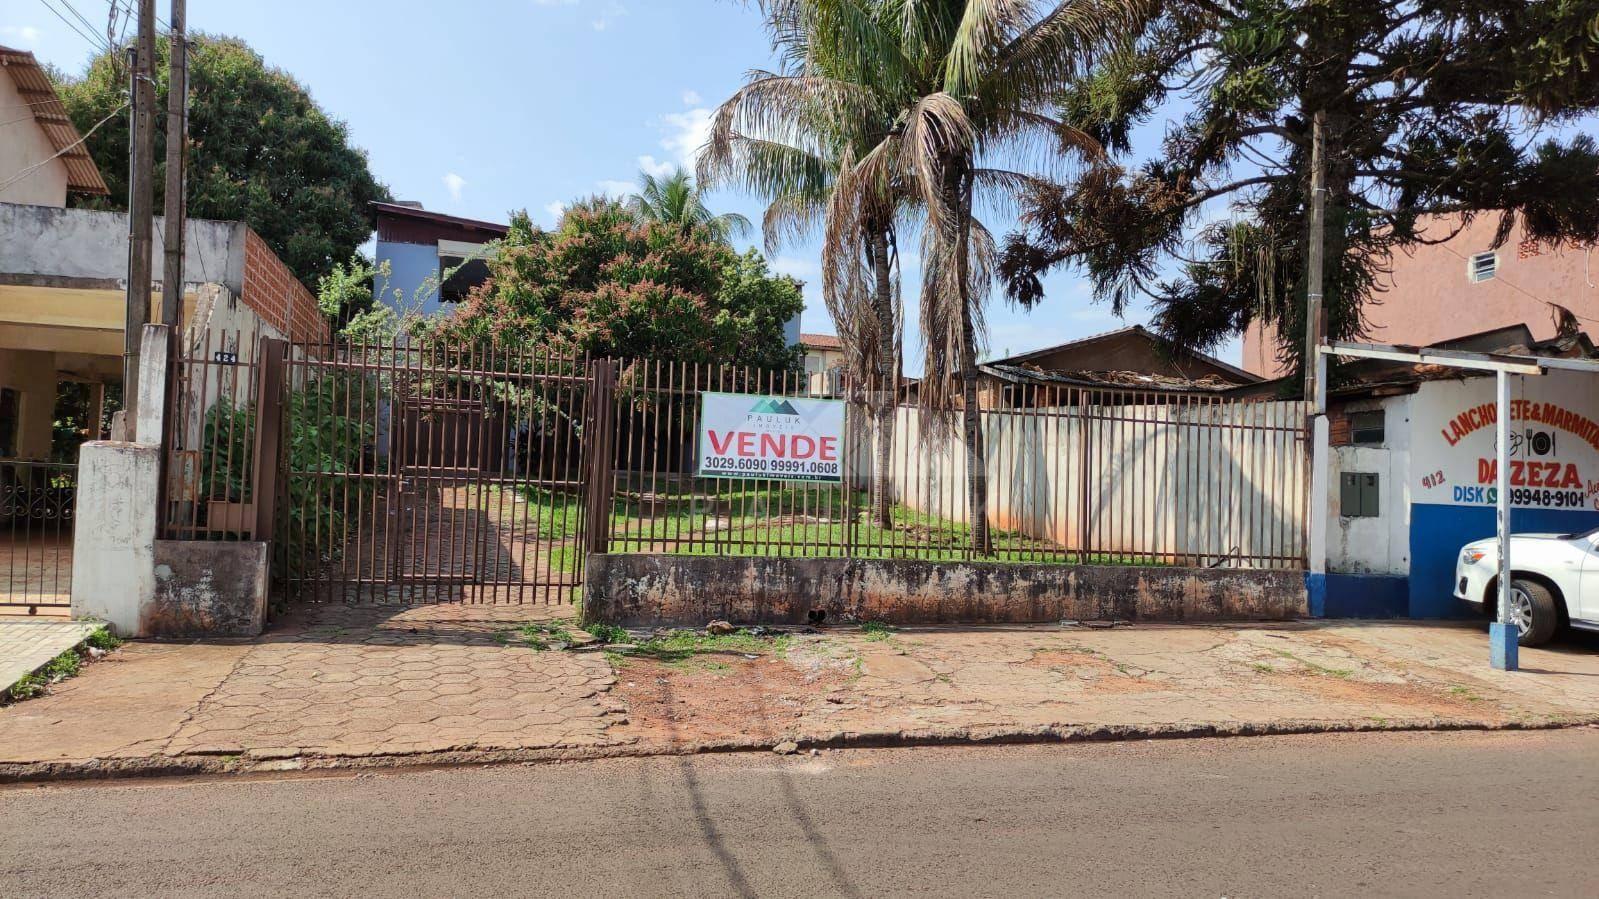 Sobrado com 5 Dormitórios à Venda, 150 M² Por R$ 380.000,00 - Jardim Manaus - Foz do Iguaçu/pr | PAULUK IMÓVEIS | Portal OBusca